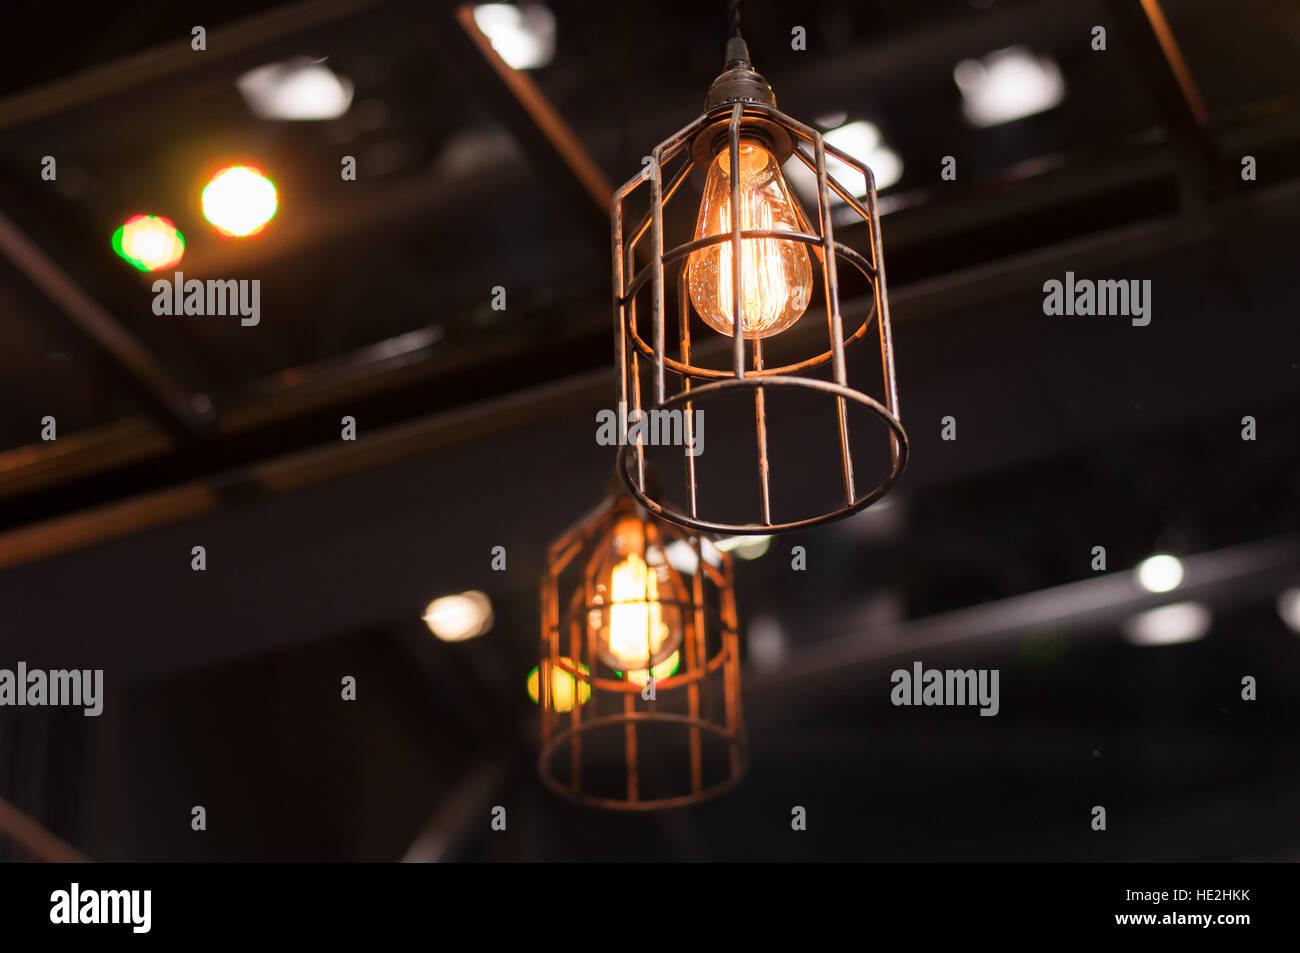 Lampen En Licht : Crystal led gänge licht kreatives korridor licht wohnzimmer